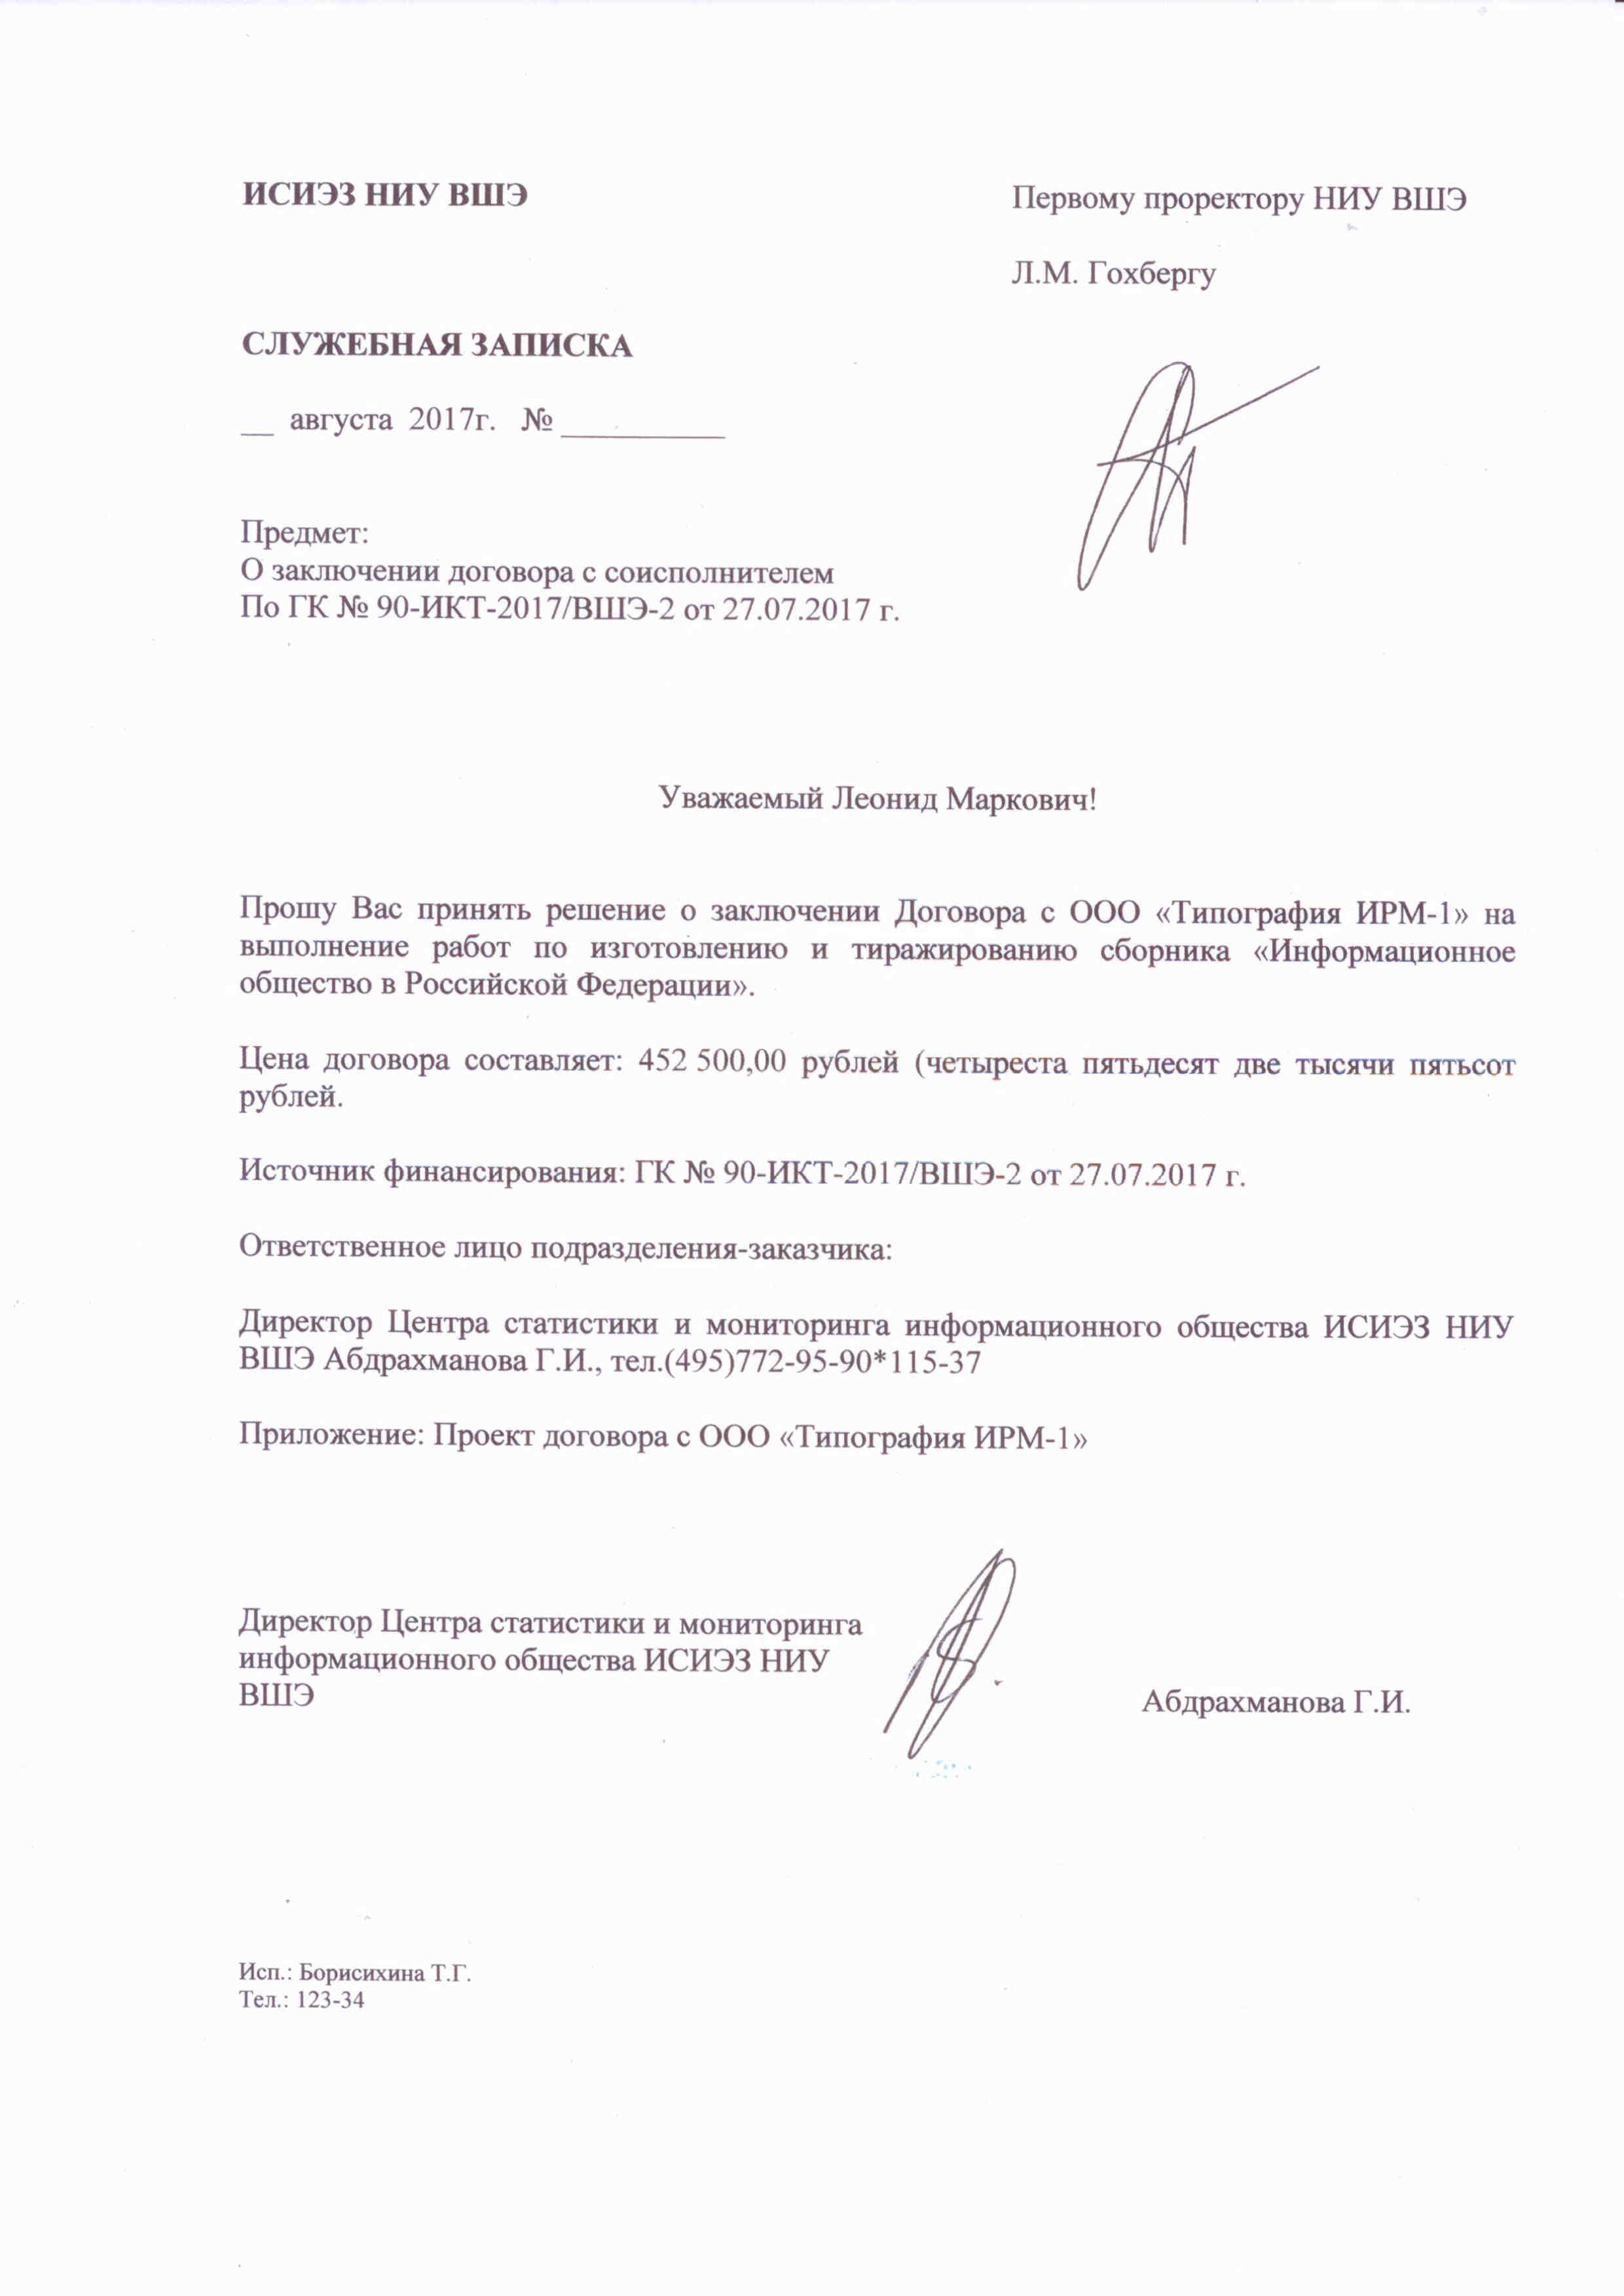 Договор на изготовление печатной продукции образец hero ui.